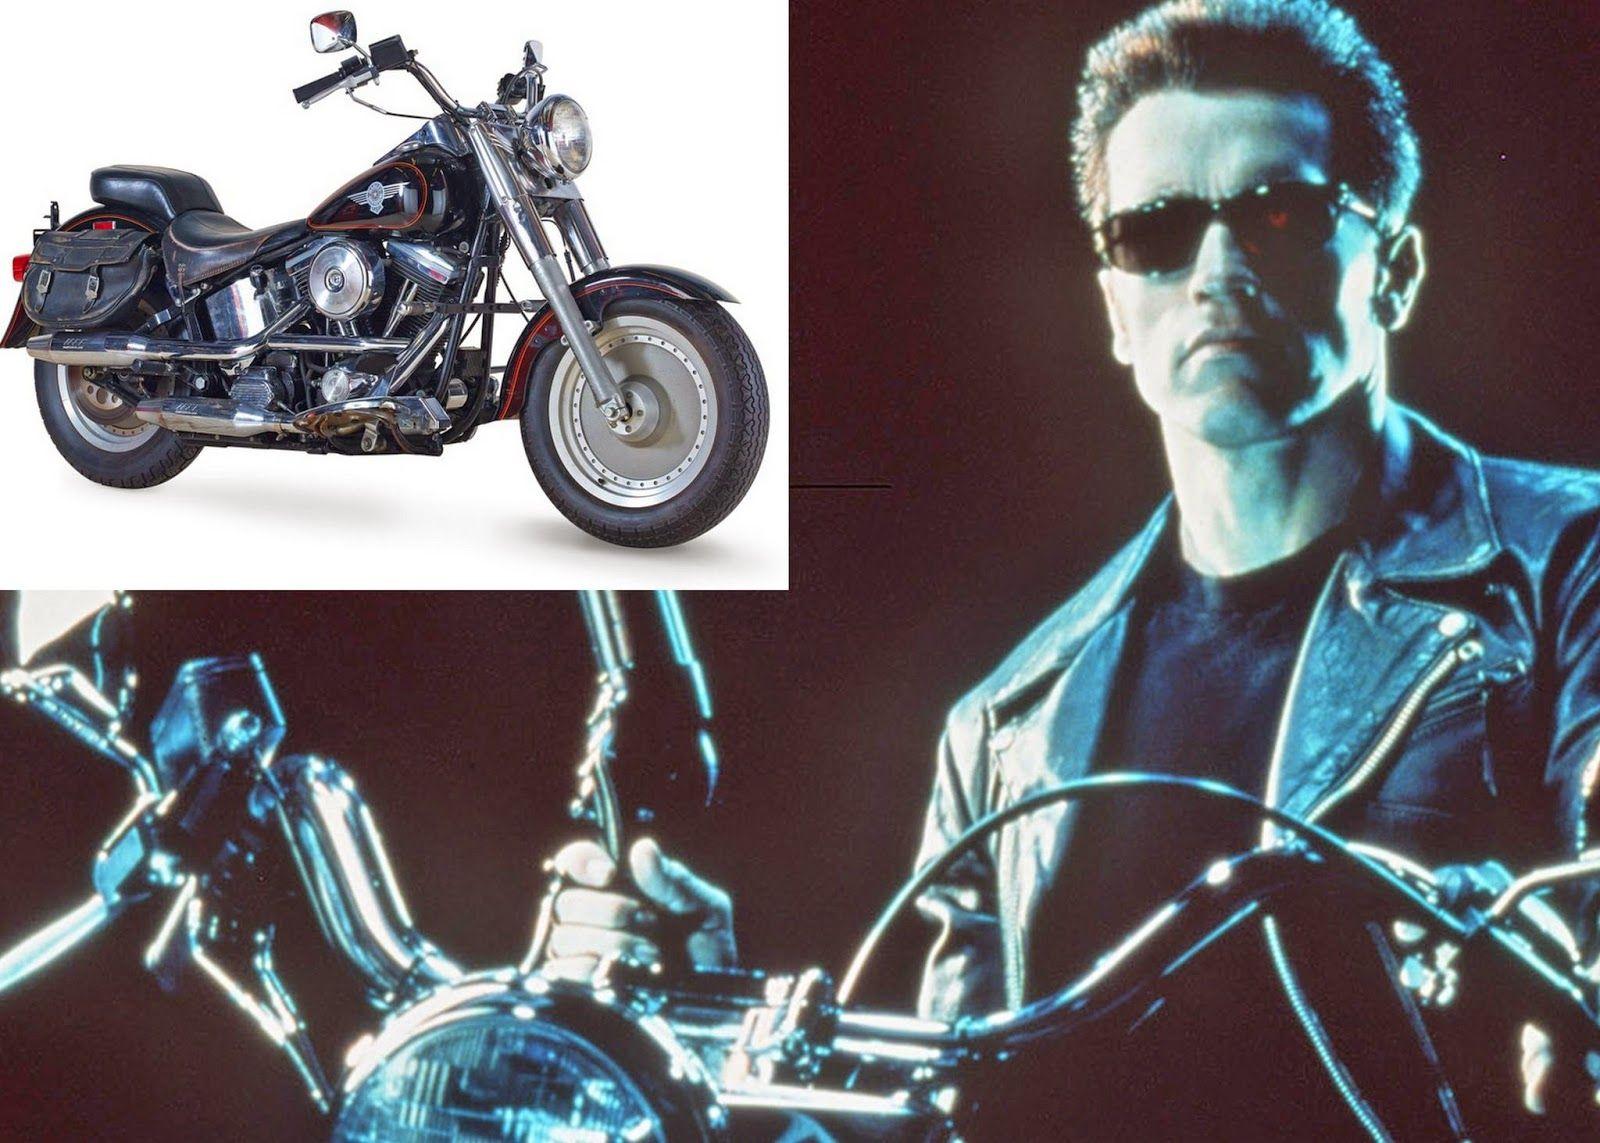 Moto Harley Davidson Far Boy FLSTF de la película Terminator 2: El día del juicio